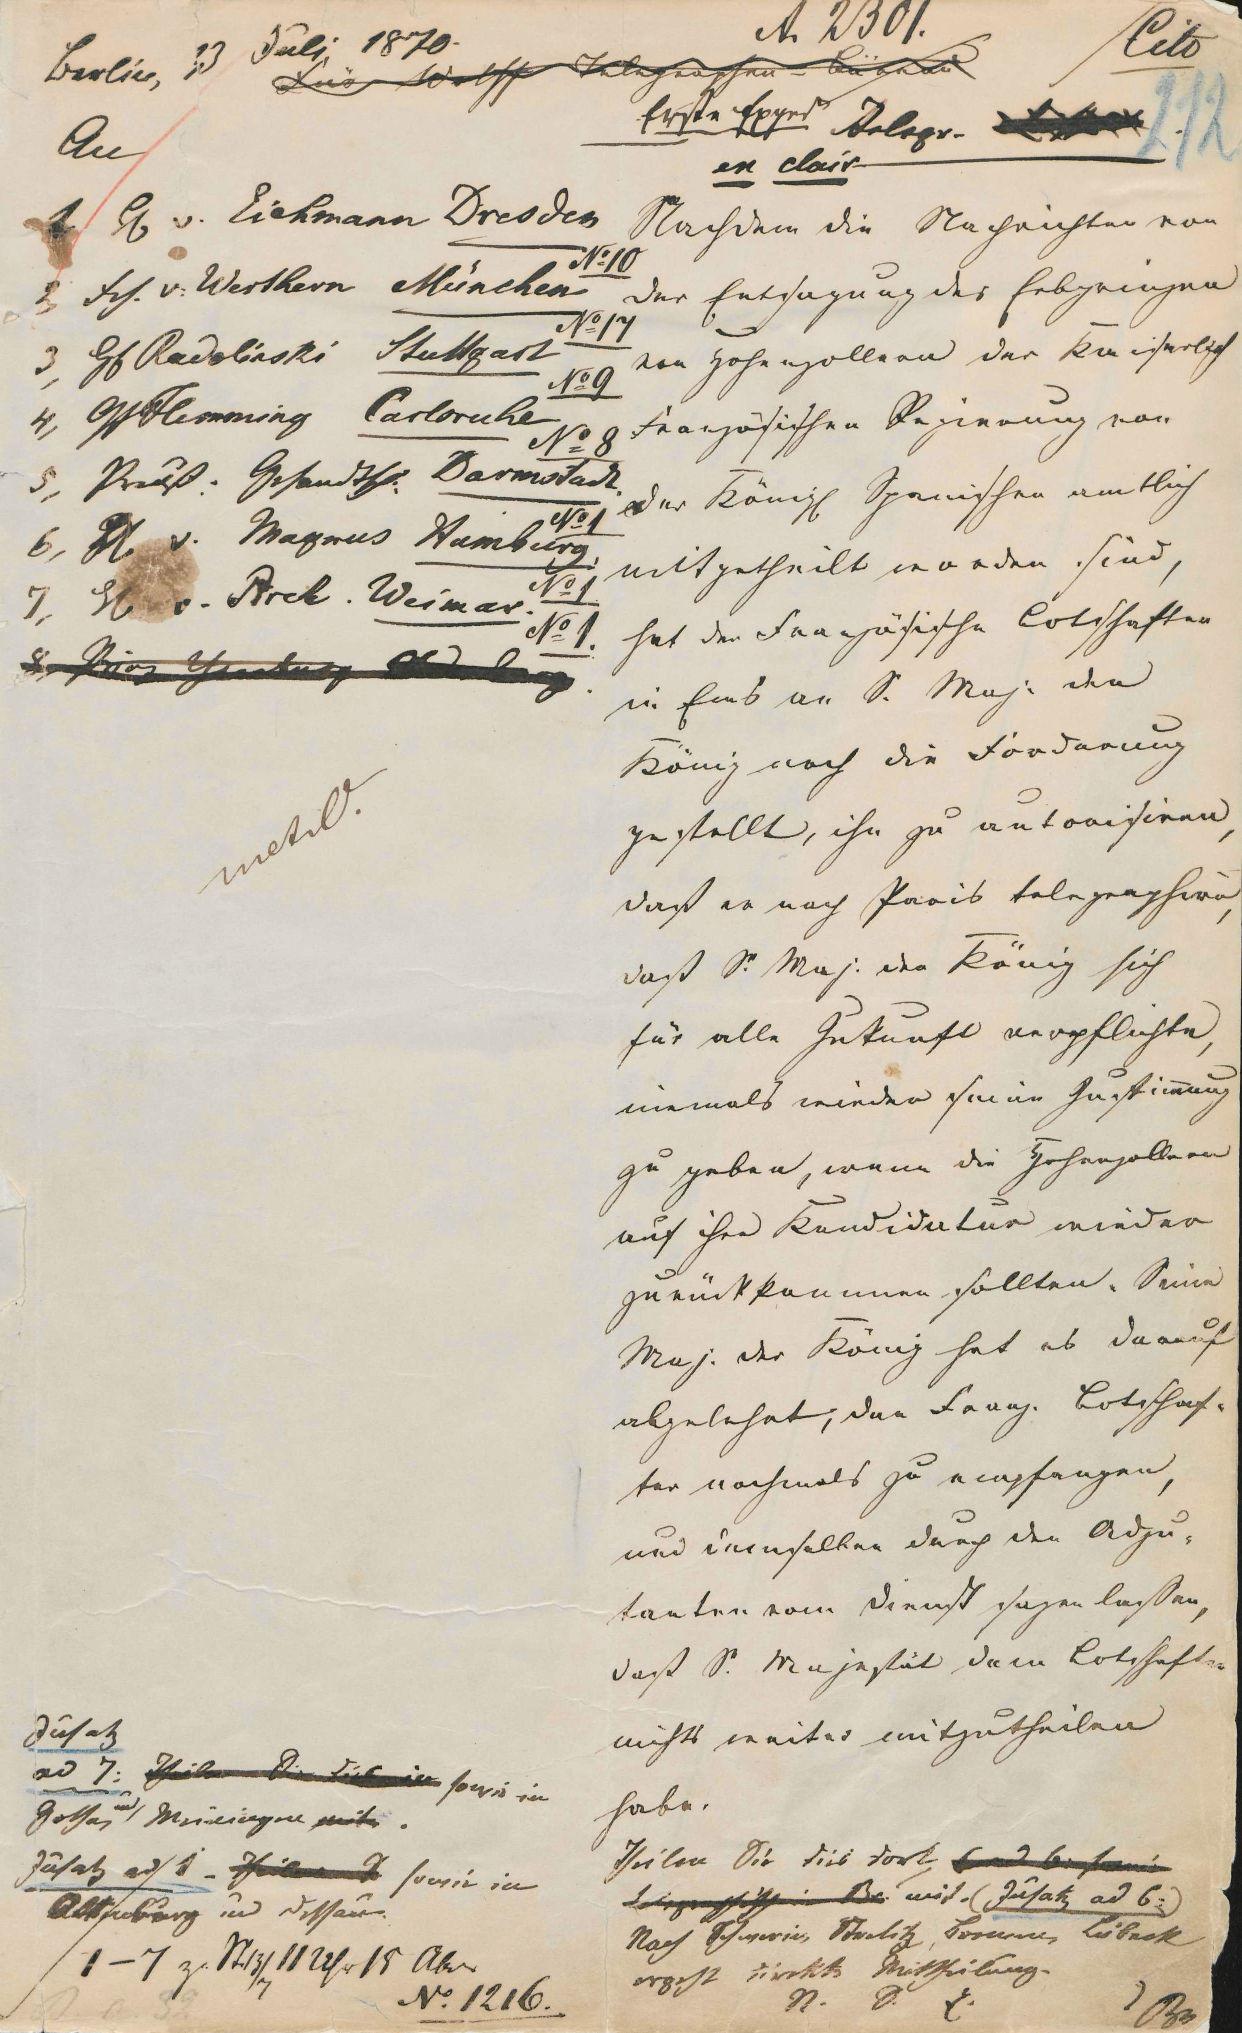 1. Expedition des redigierten Depeschentexts (PA AA, R 11674)